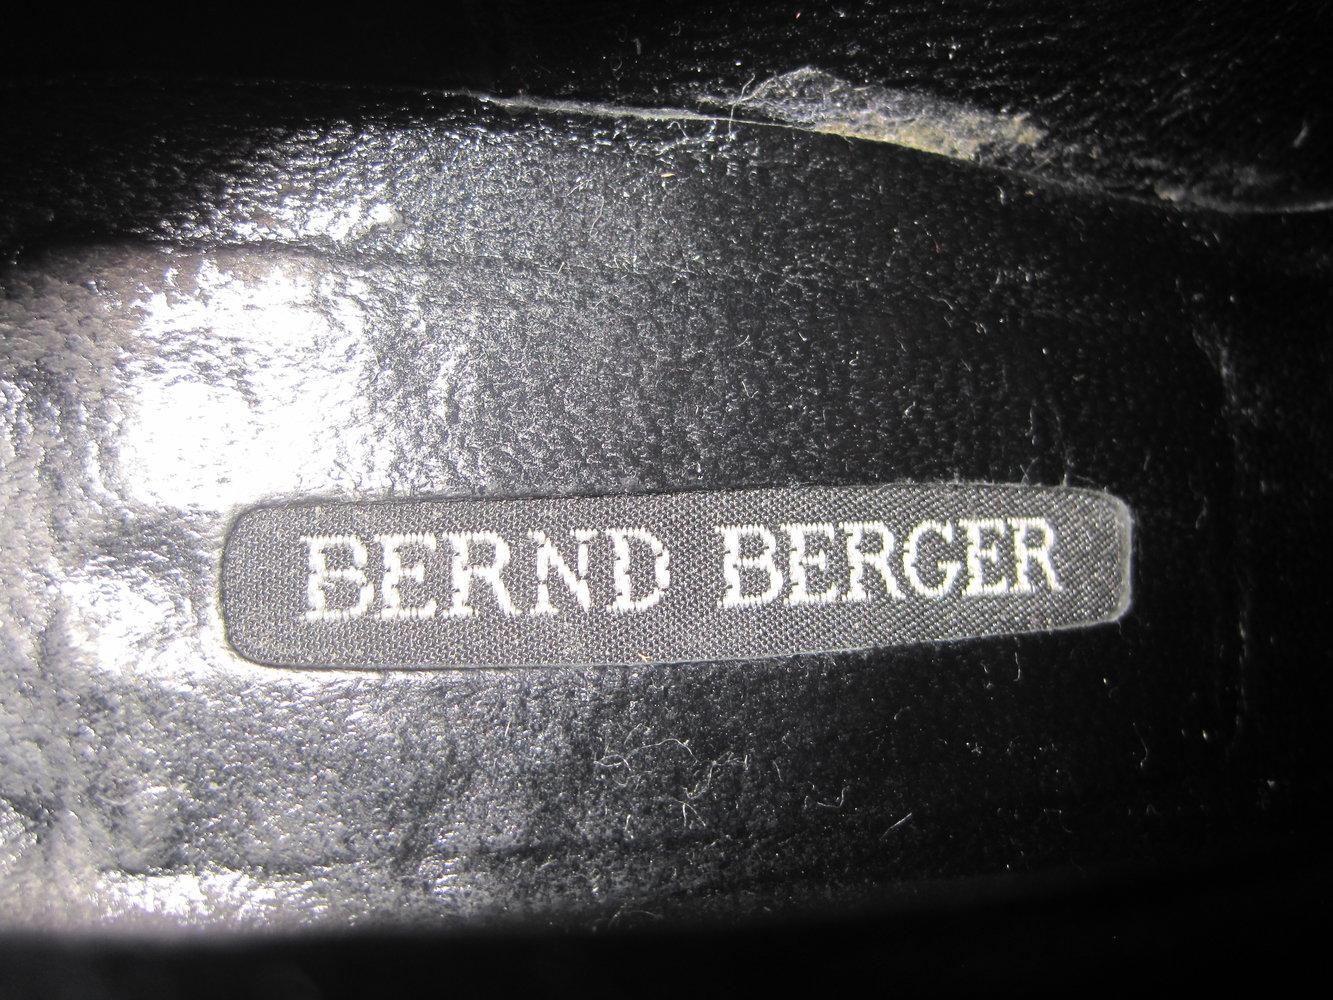 ... Ausgefallene Bernd Berger Leder Ankle Boots Stiefeletten Schnürer  Vintage Hippie 38 ... d2404c12cb